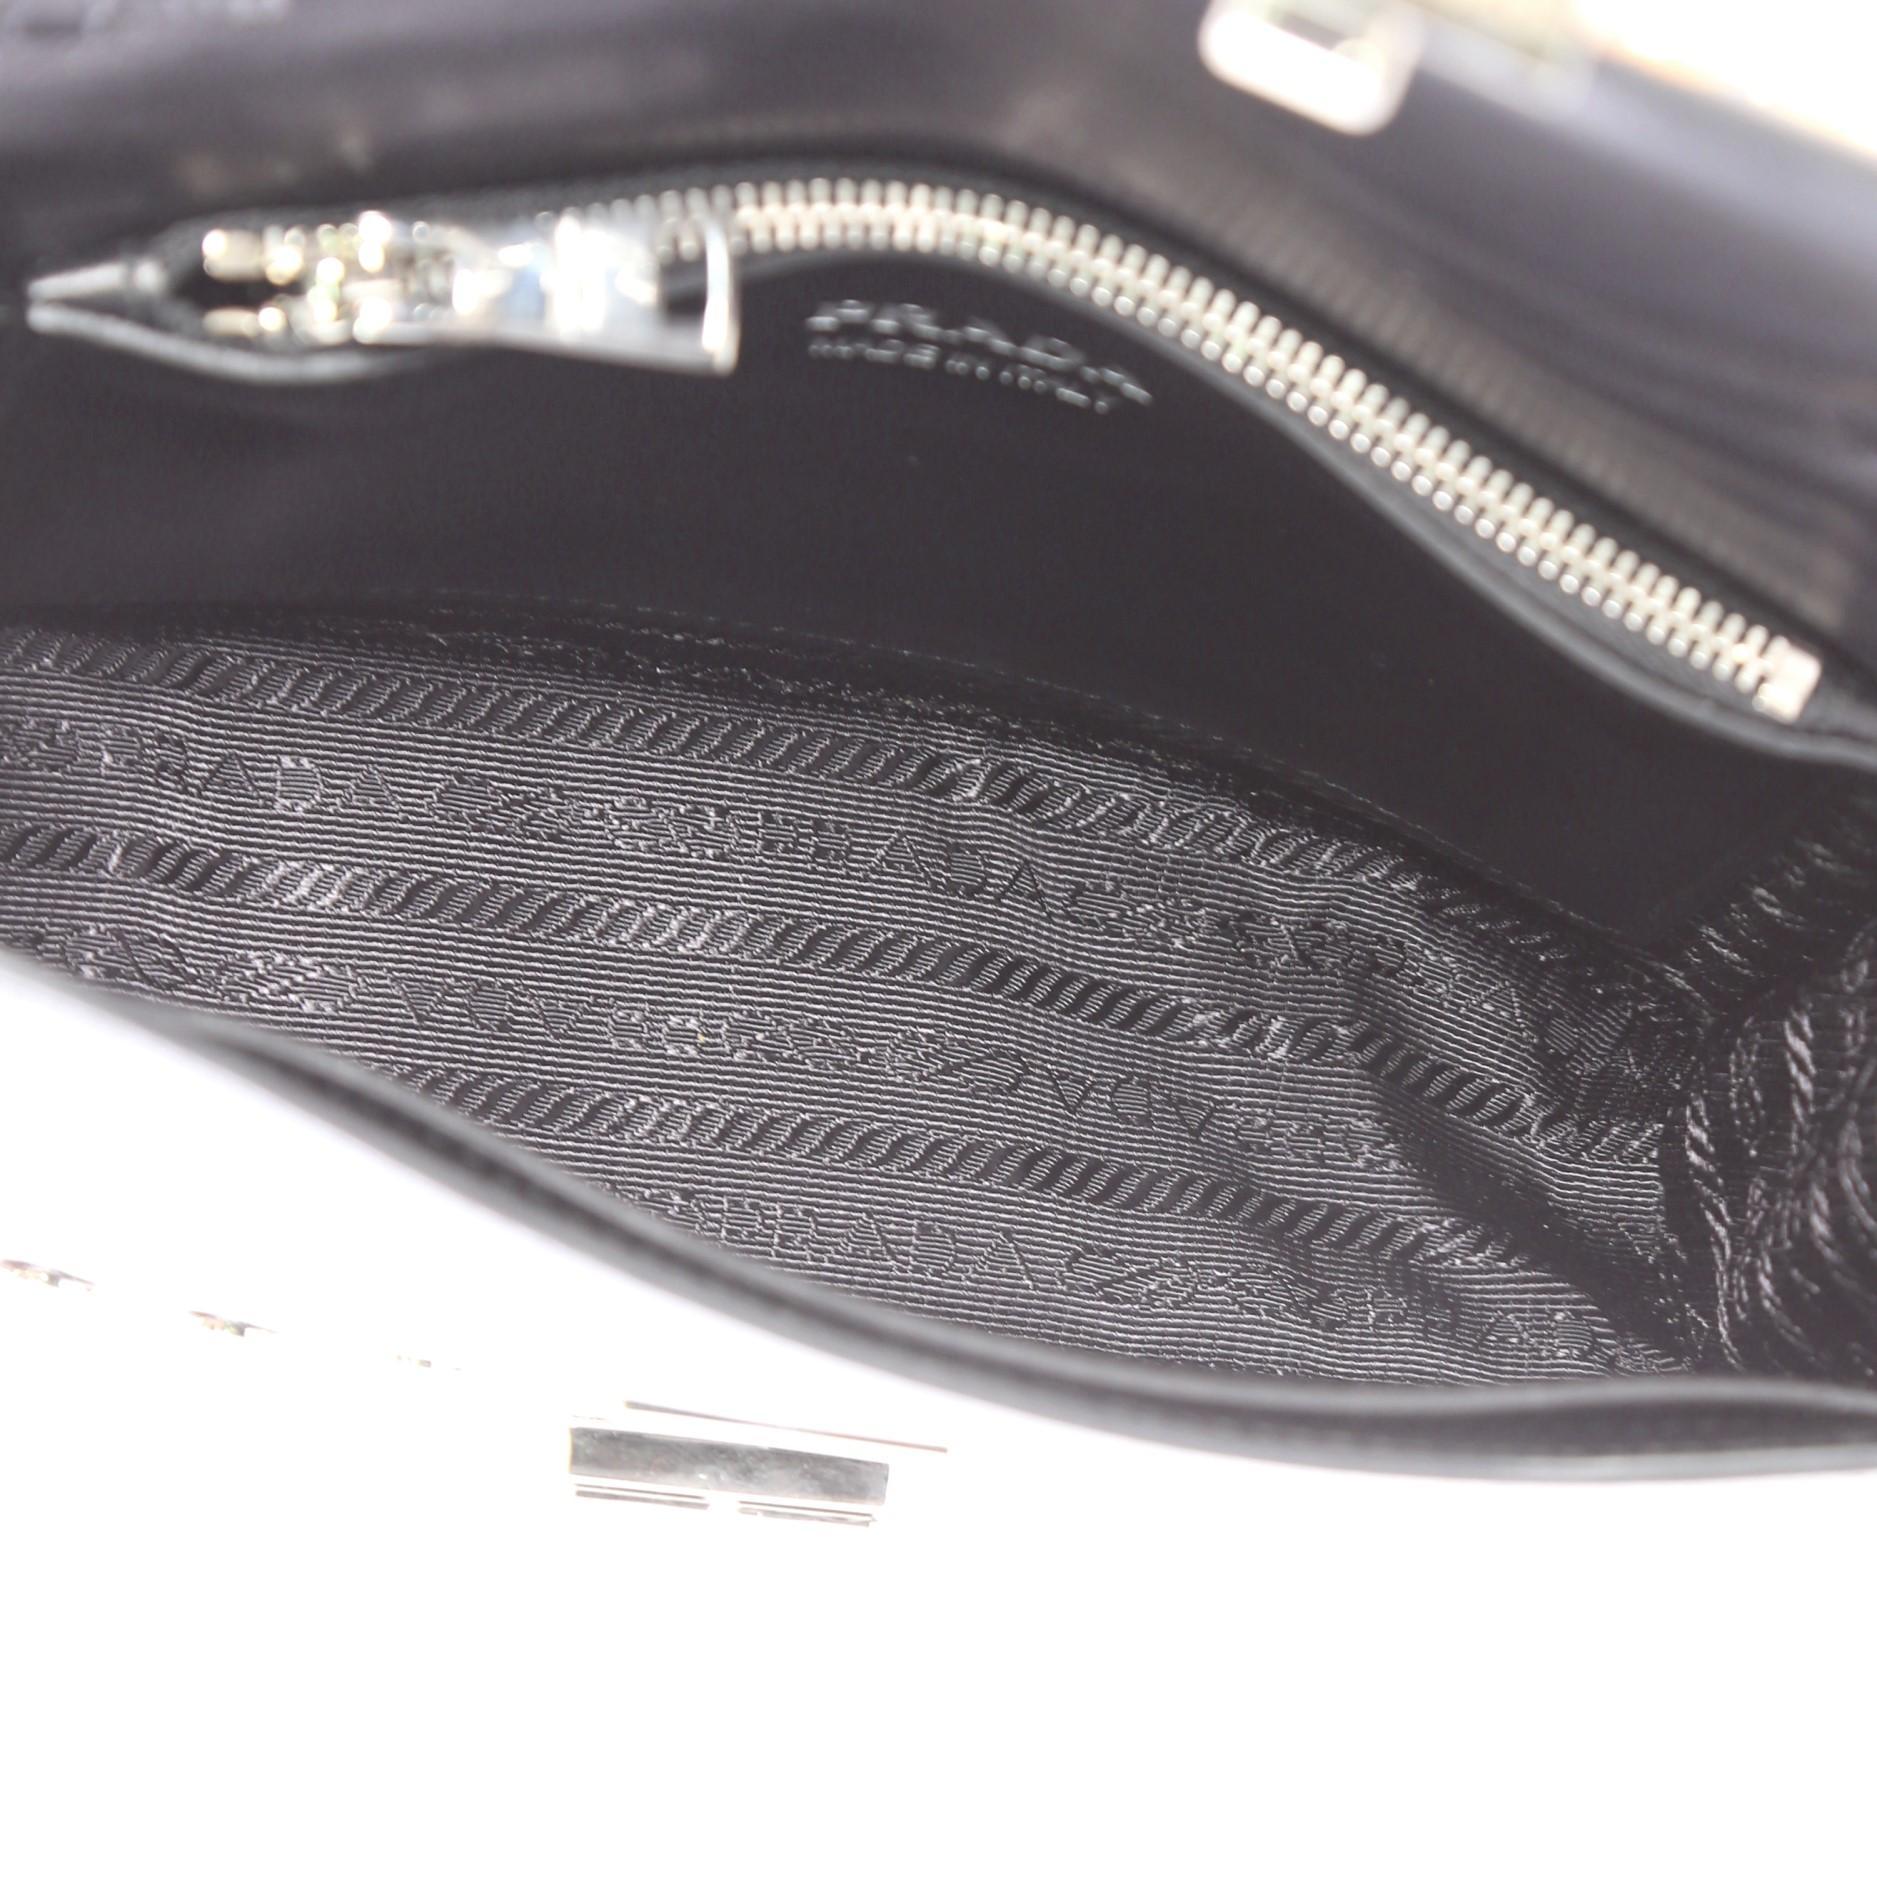 7b3ab6515e30 Prada Elektra Small Studded Printed Leather Shoulder Bag at 1stdibs